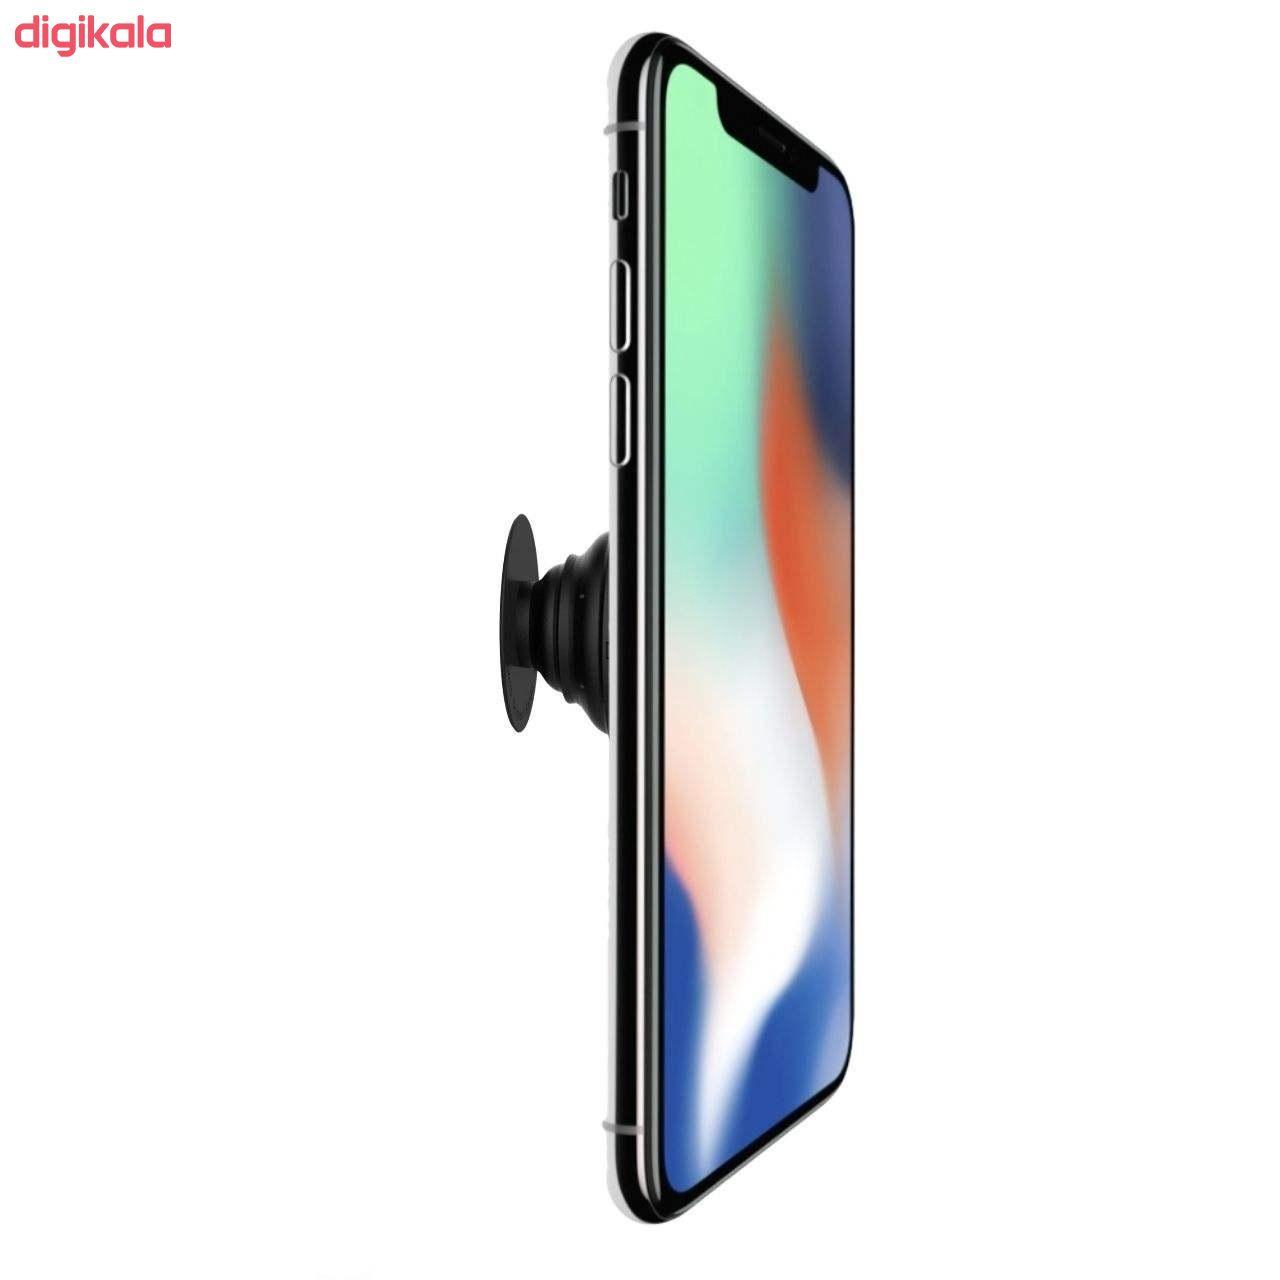 پایه نگهدارنده گوشی موبایل  پاپ سوکت مدلGalaxy main 1 2